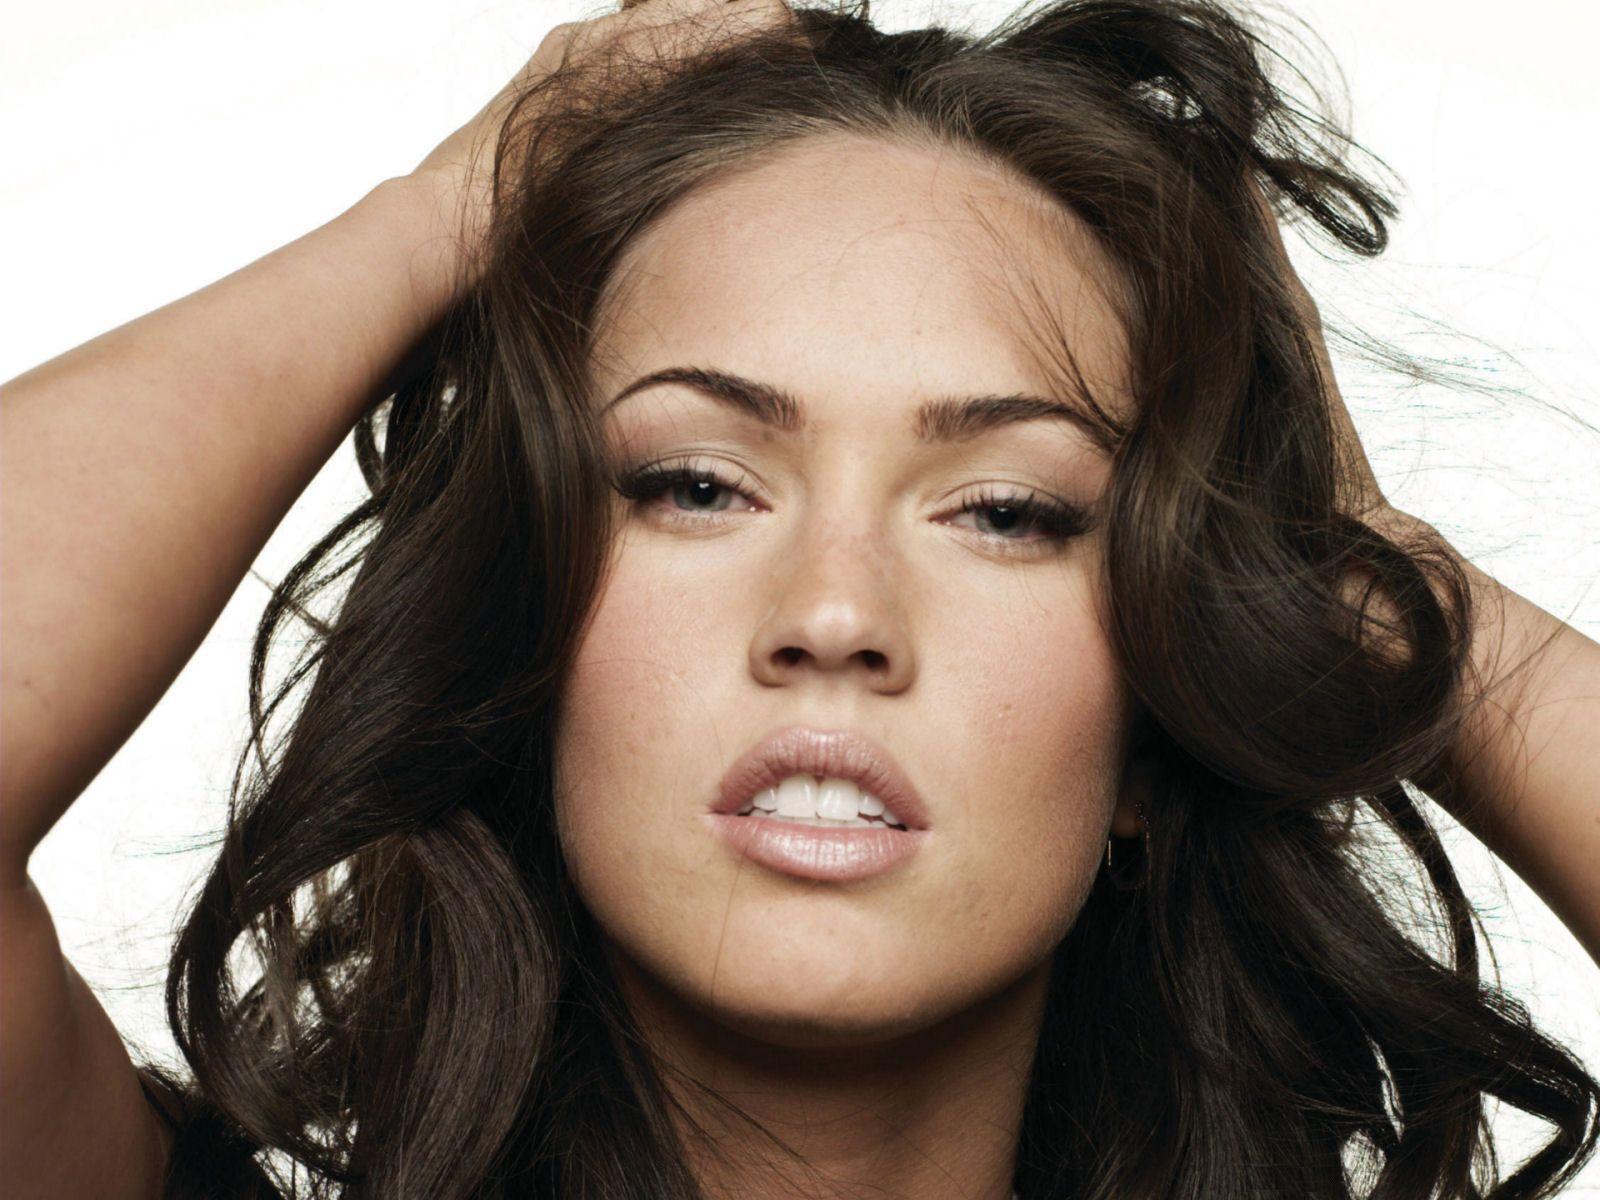 http://3.bp.blogspot.com/__ulIi81fTZM/ShaAsWmBQMI/AAAAAAAAAB0/pKrhix95BMY/s1600/Megan_Fox__10.jpg